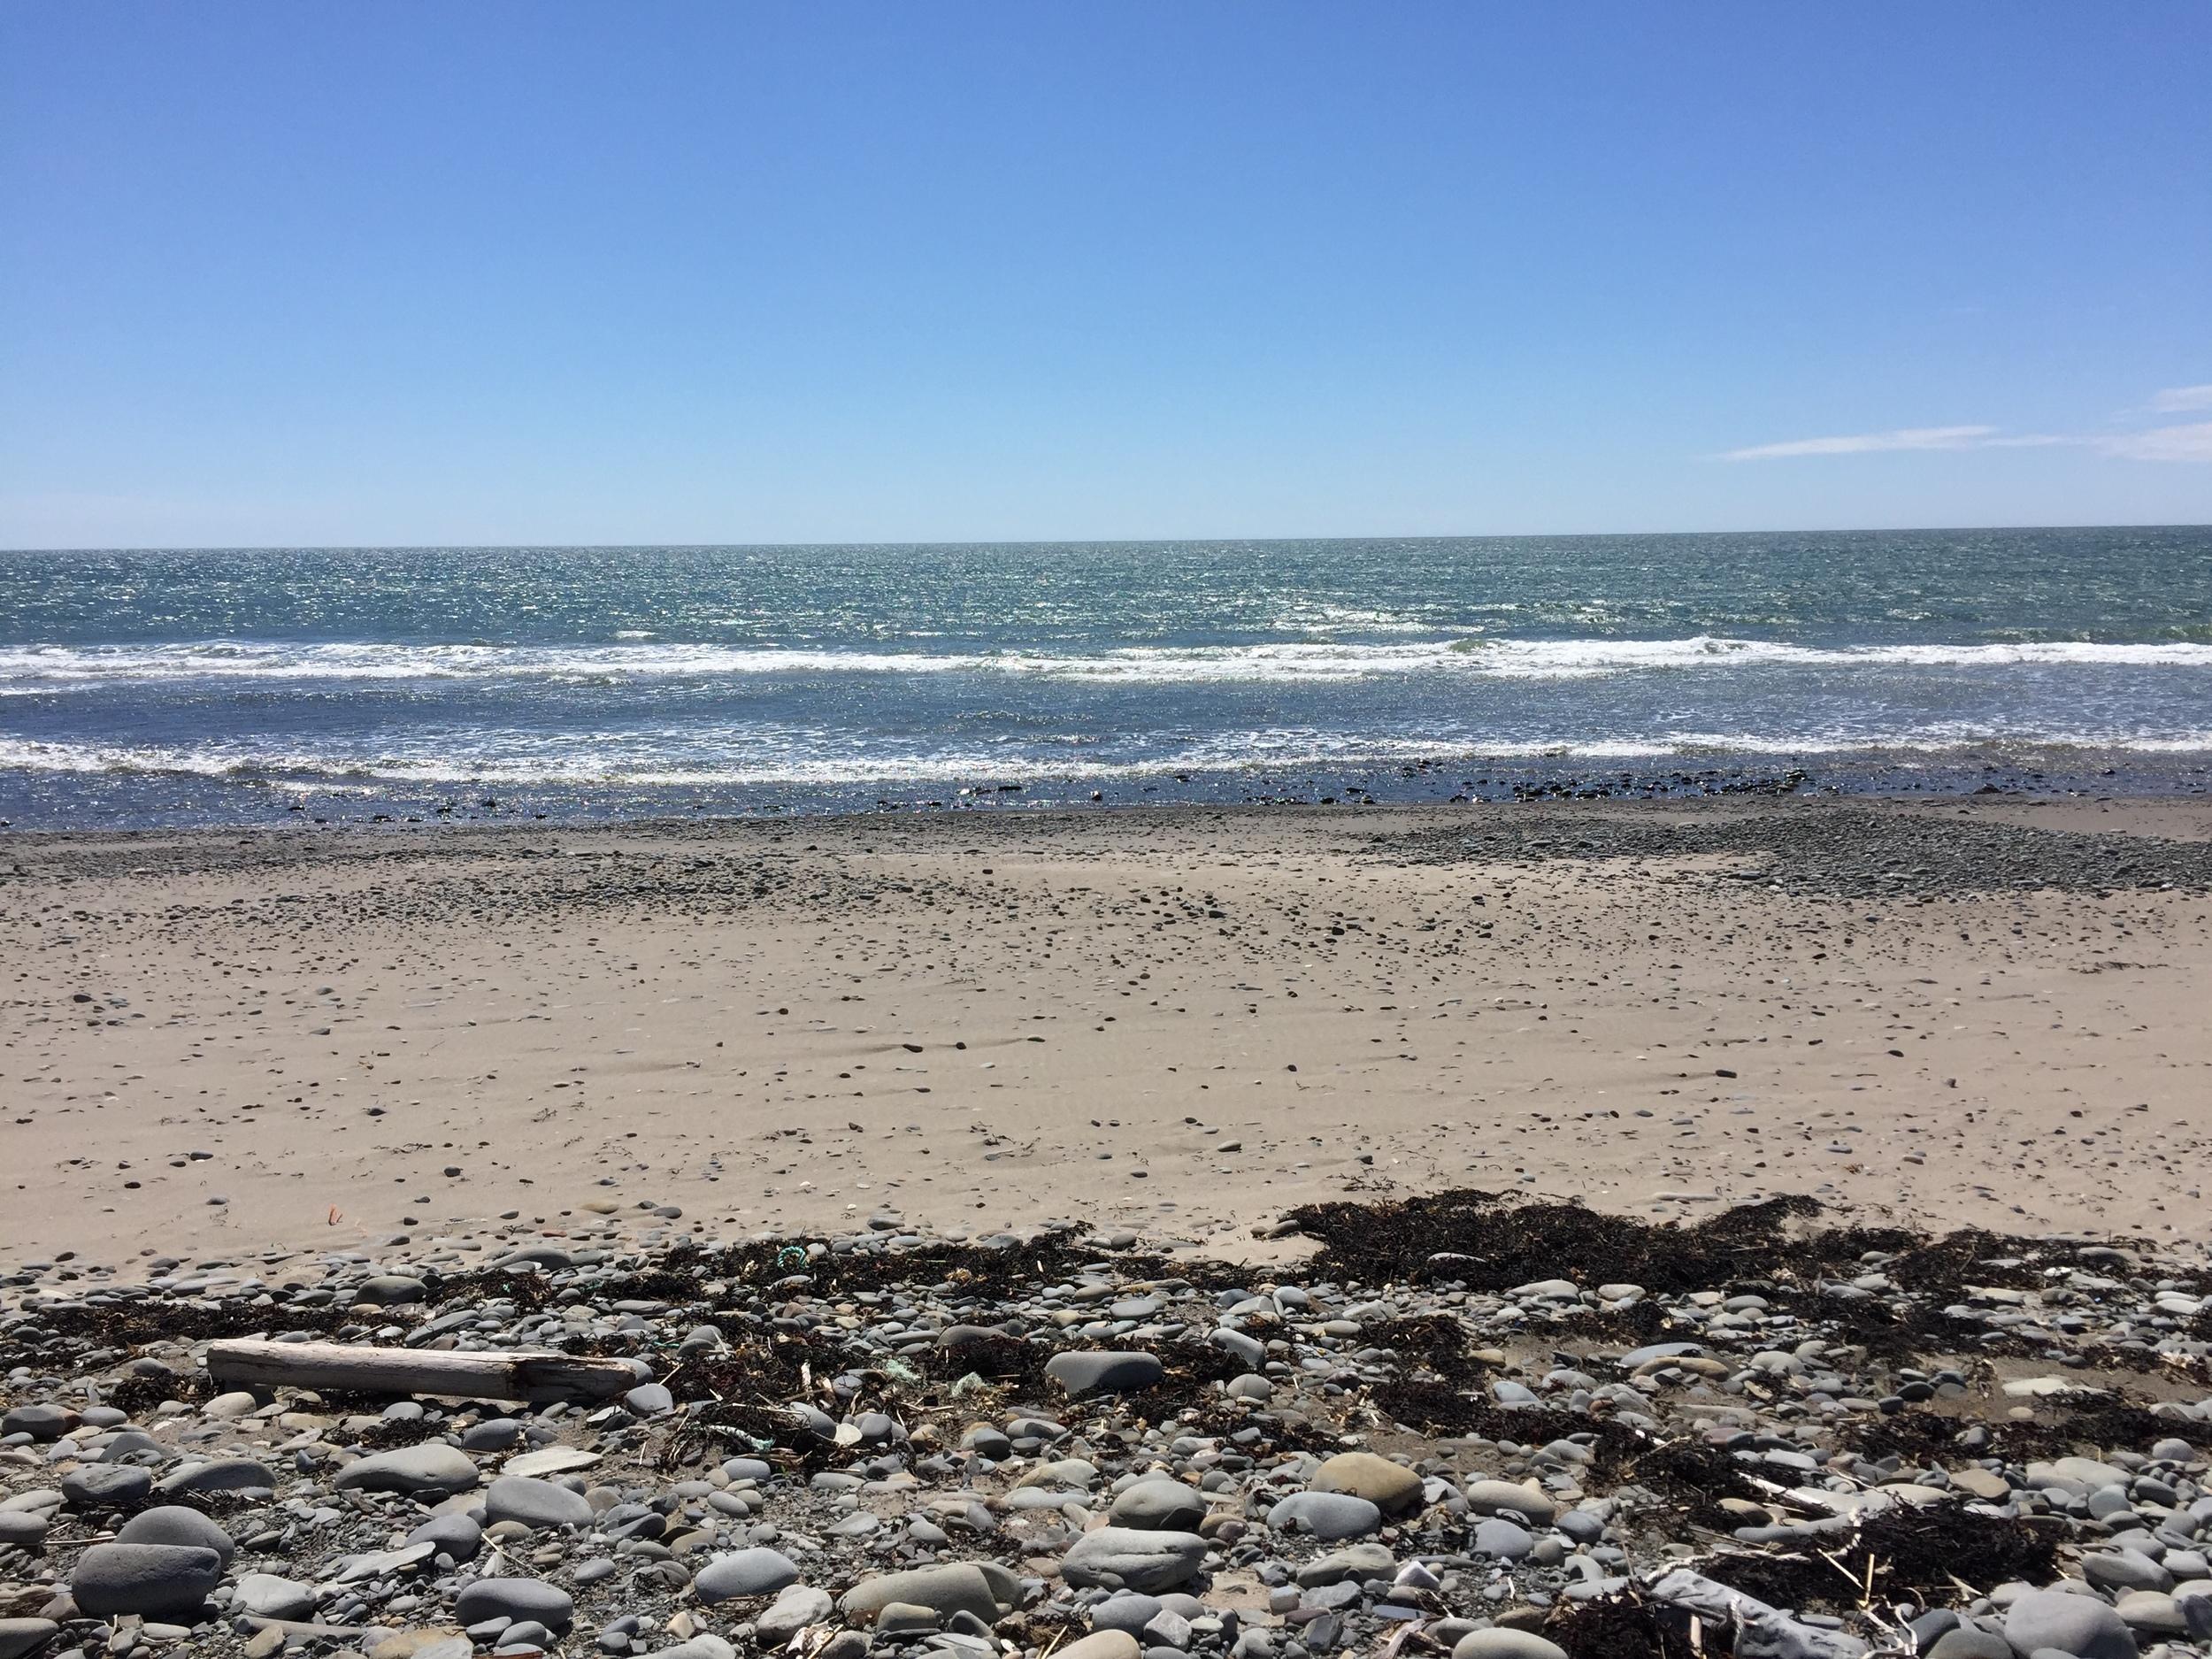 bartlett's beach